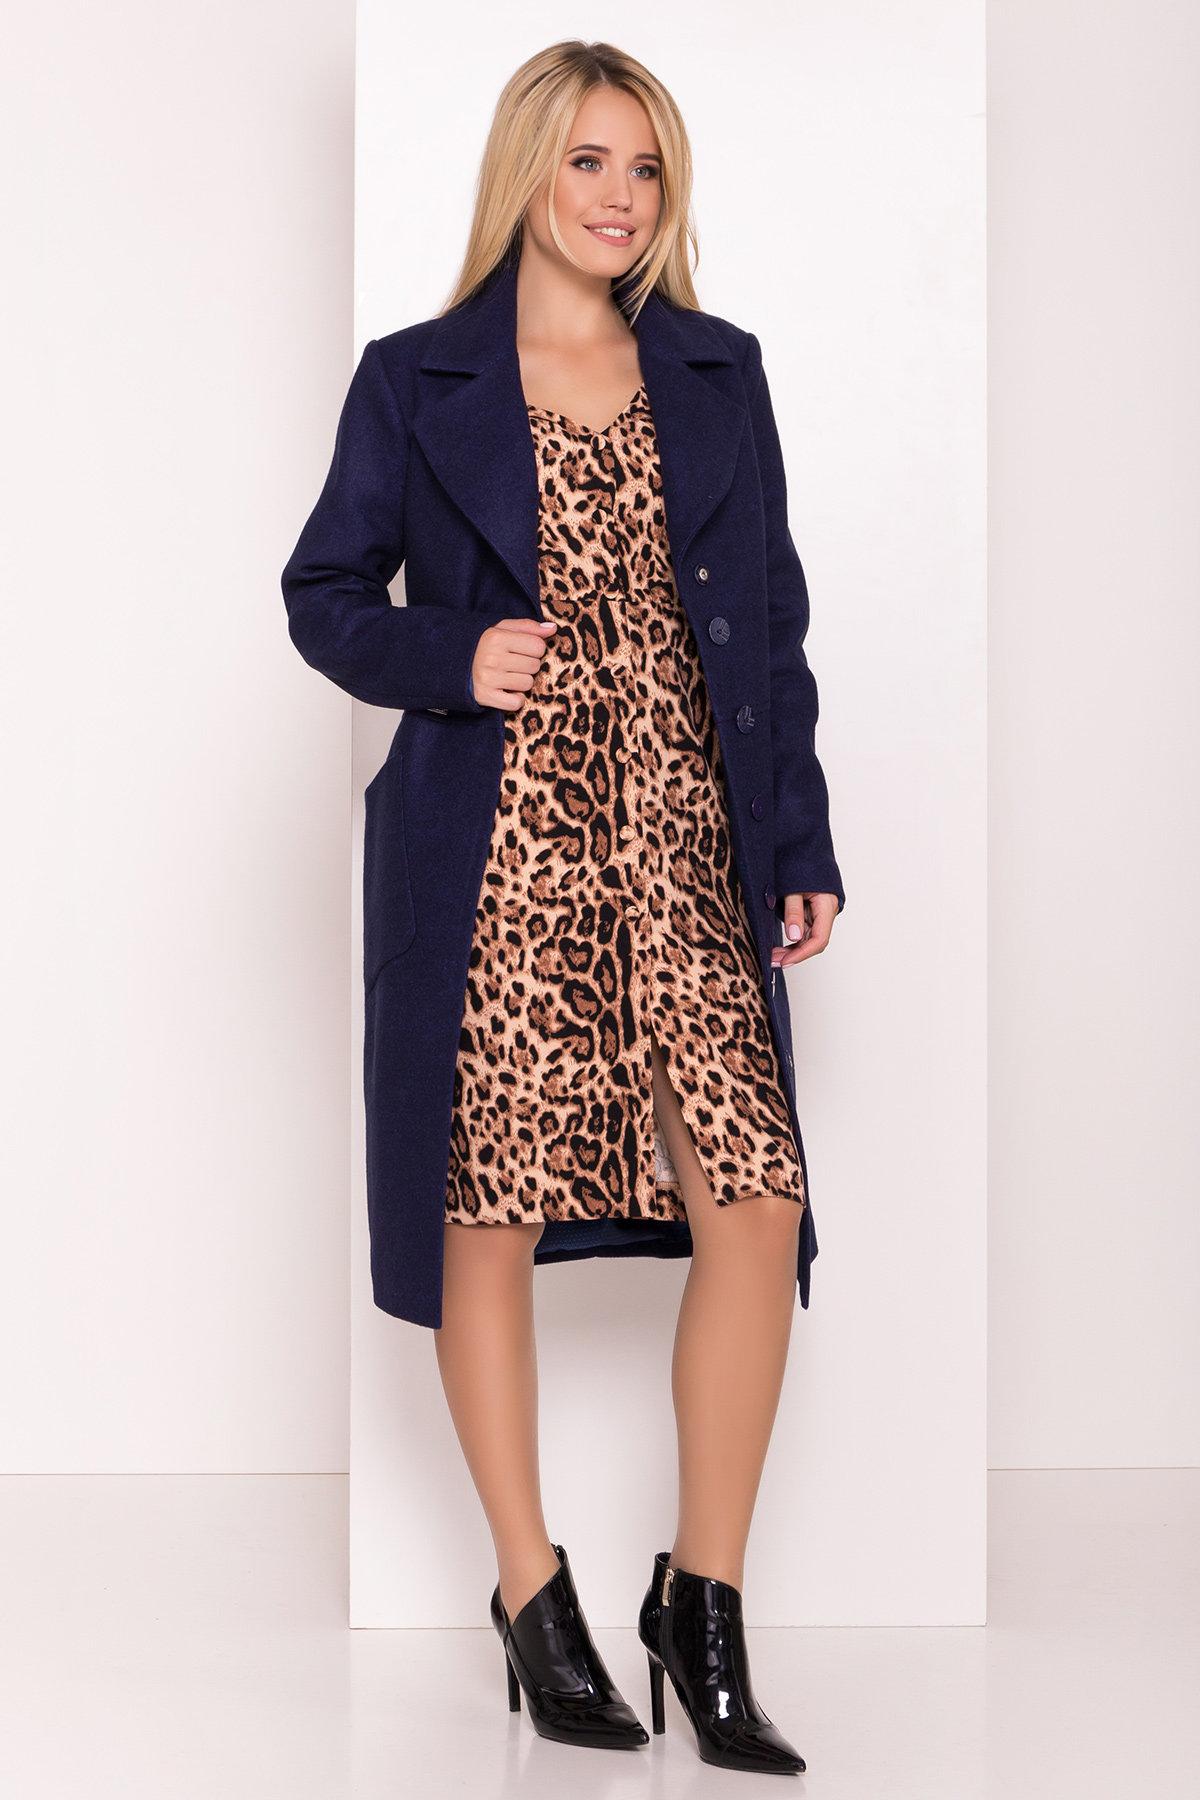 Классическое пальто Габриэлла 7872 АРТ. 43799 Цвет: Т.синий 17 - фото 1, интернет магазин tm-modus.ru